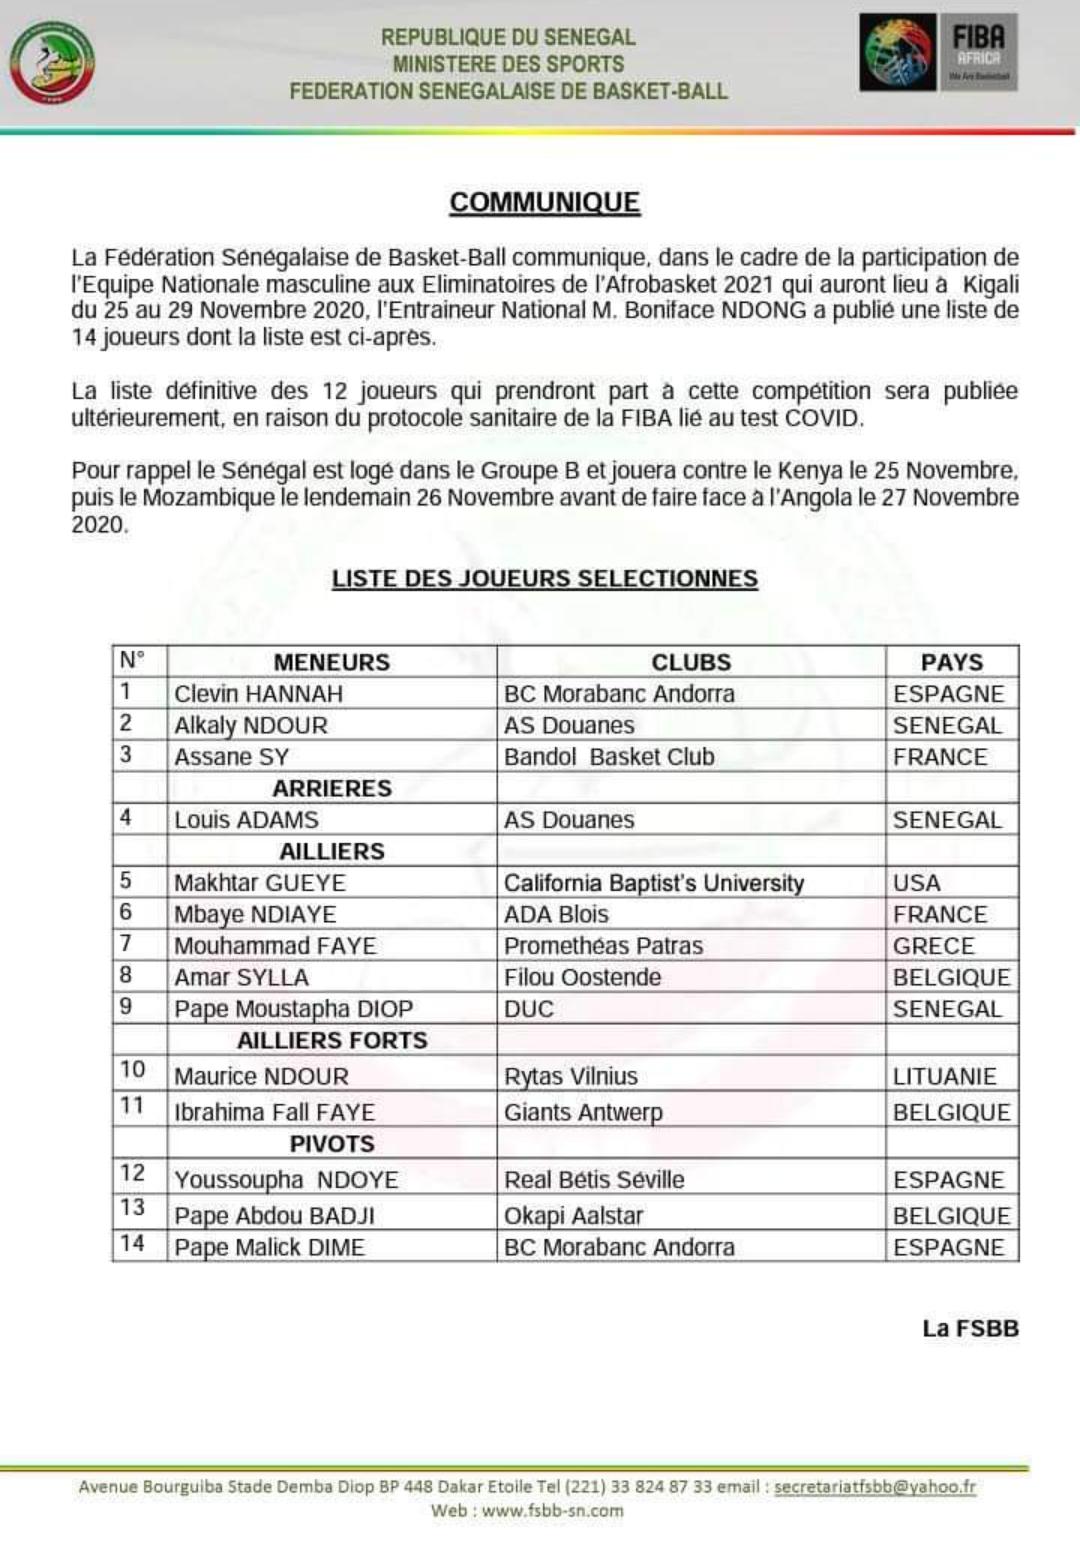 Éliminatoires Afrobasket 2021 : Boniface Ndong réduit sa liste à 14 joueurs, Gorgui Sy Dieng et Tacko Fall absents...